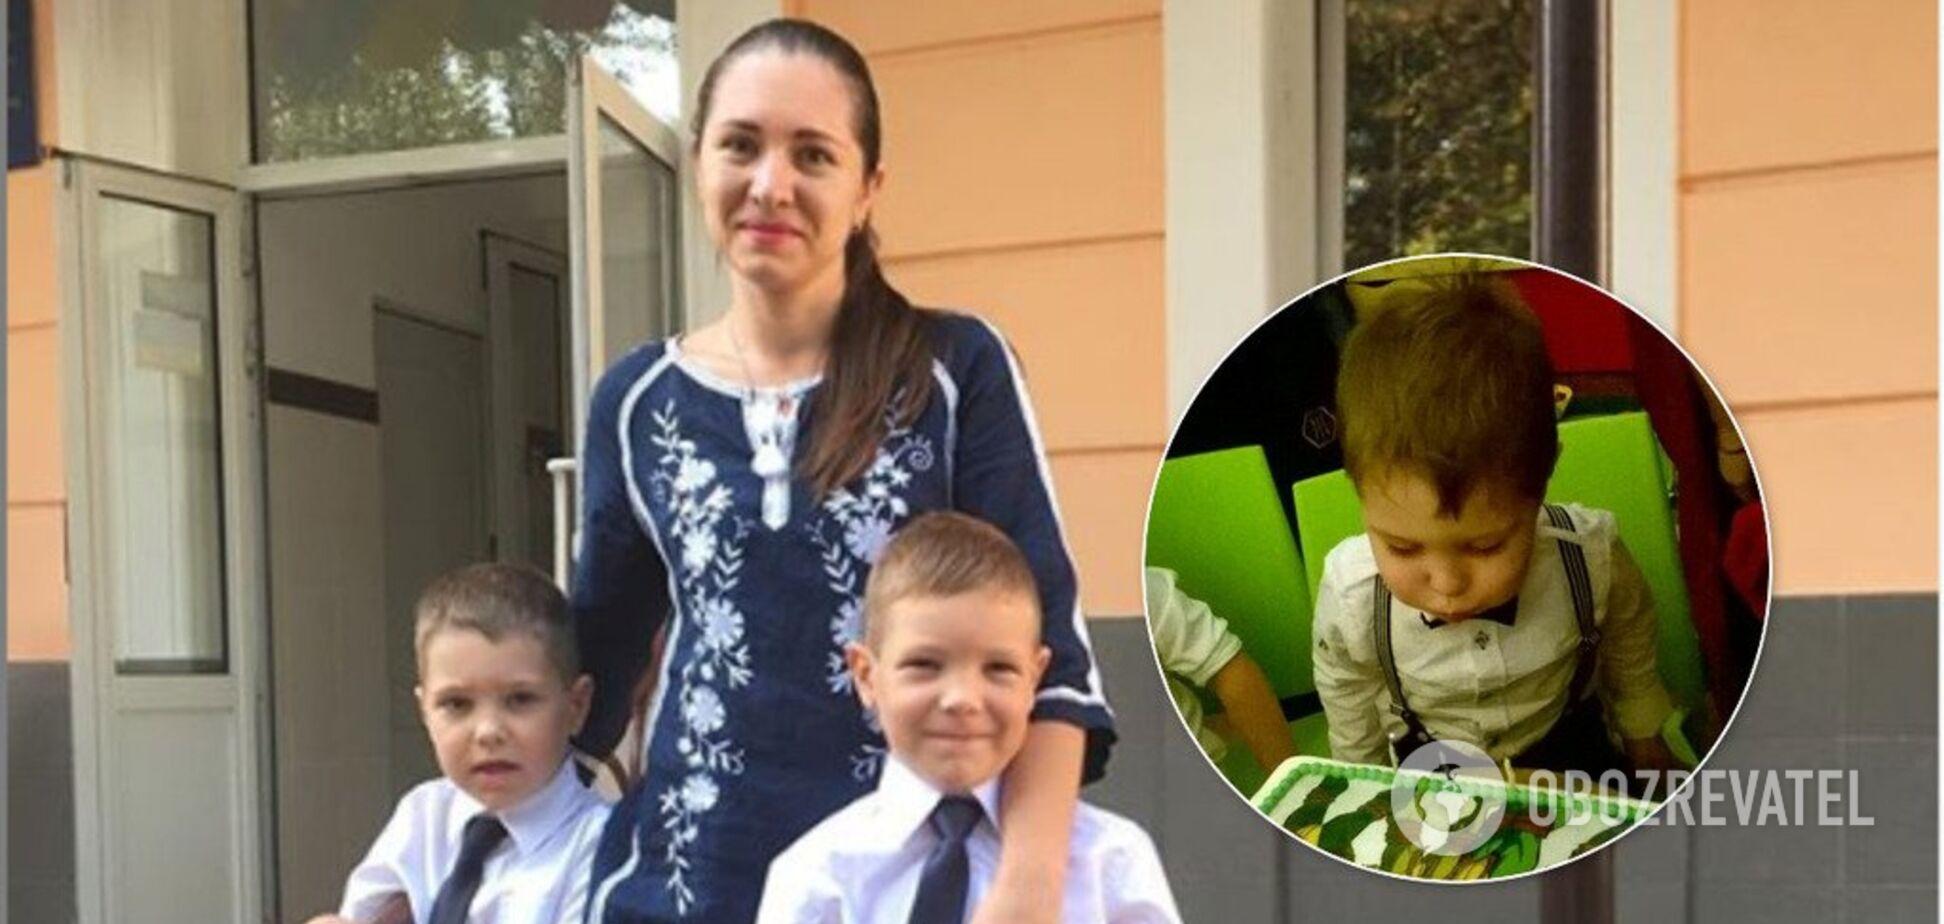 Самогубство? З'ясувалися страшні подробиці смерті матері з малюками на Херсонщині